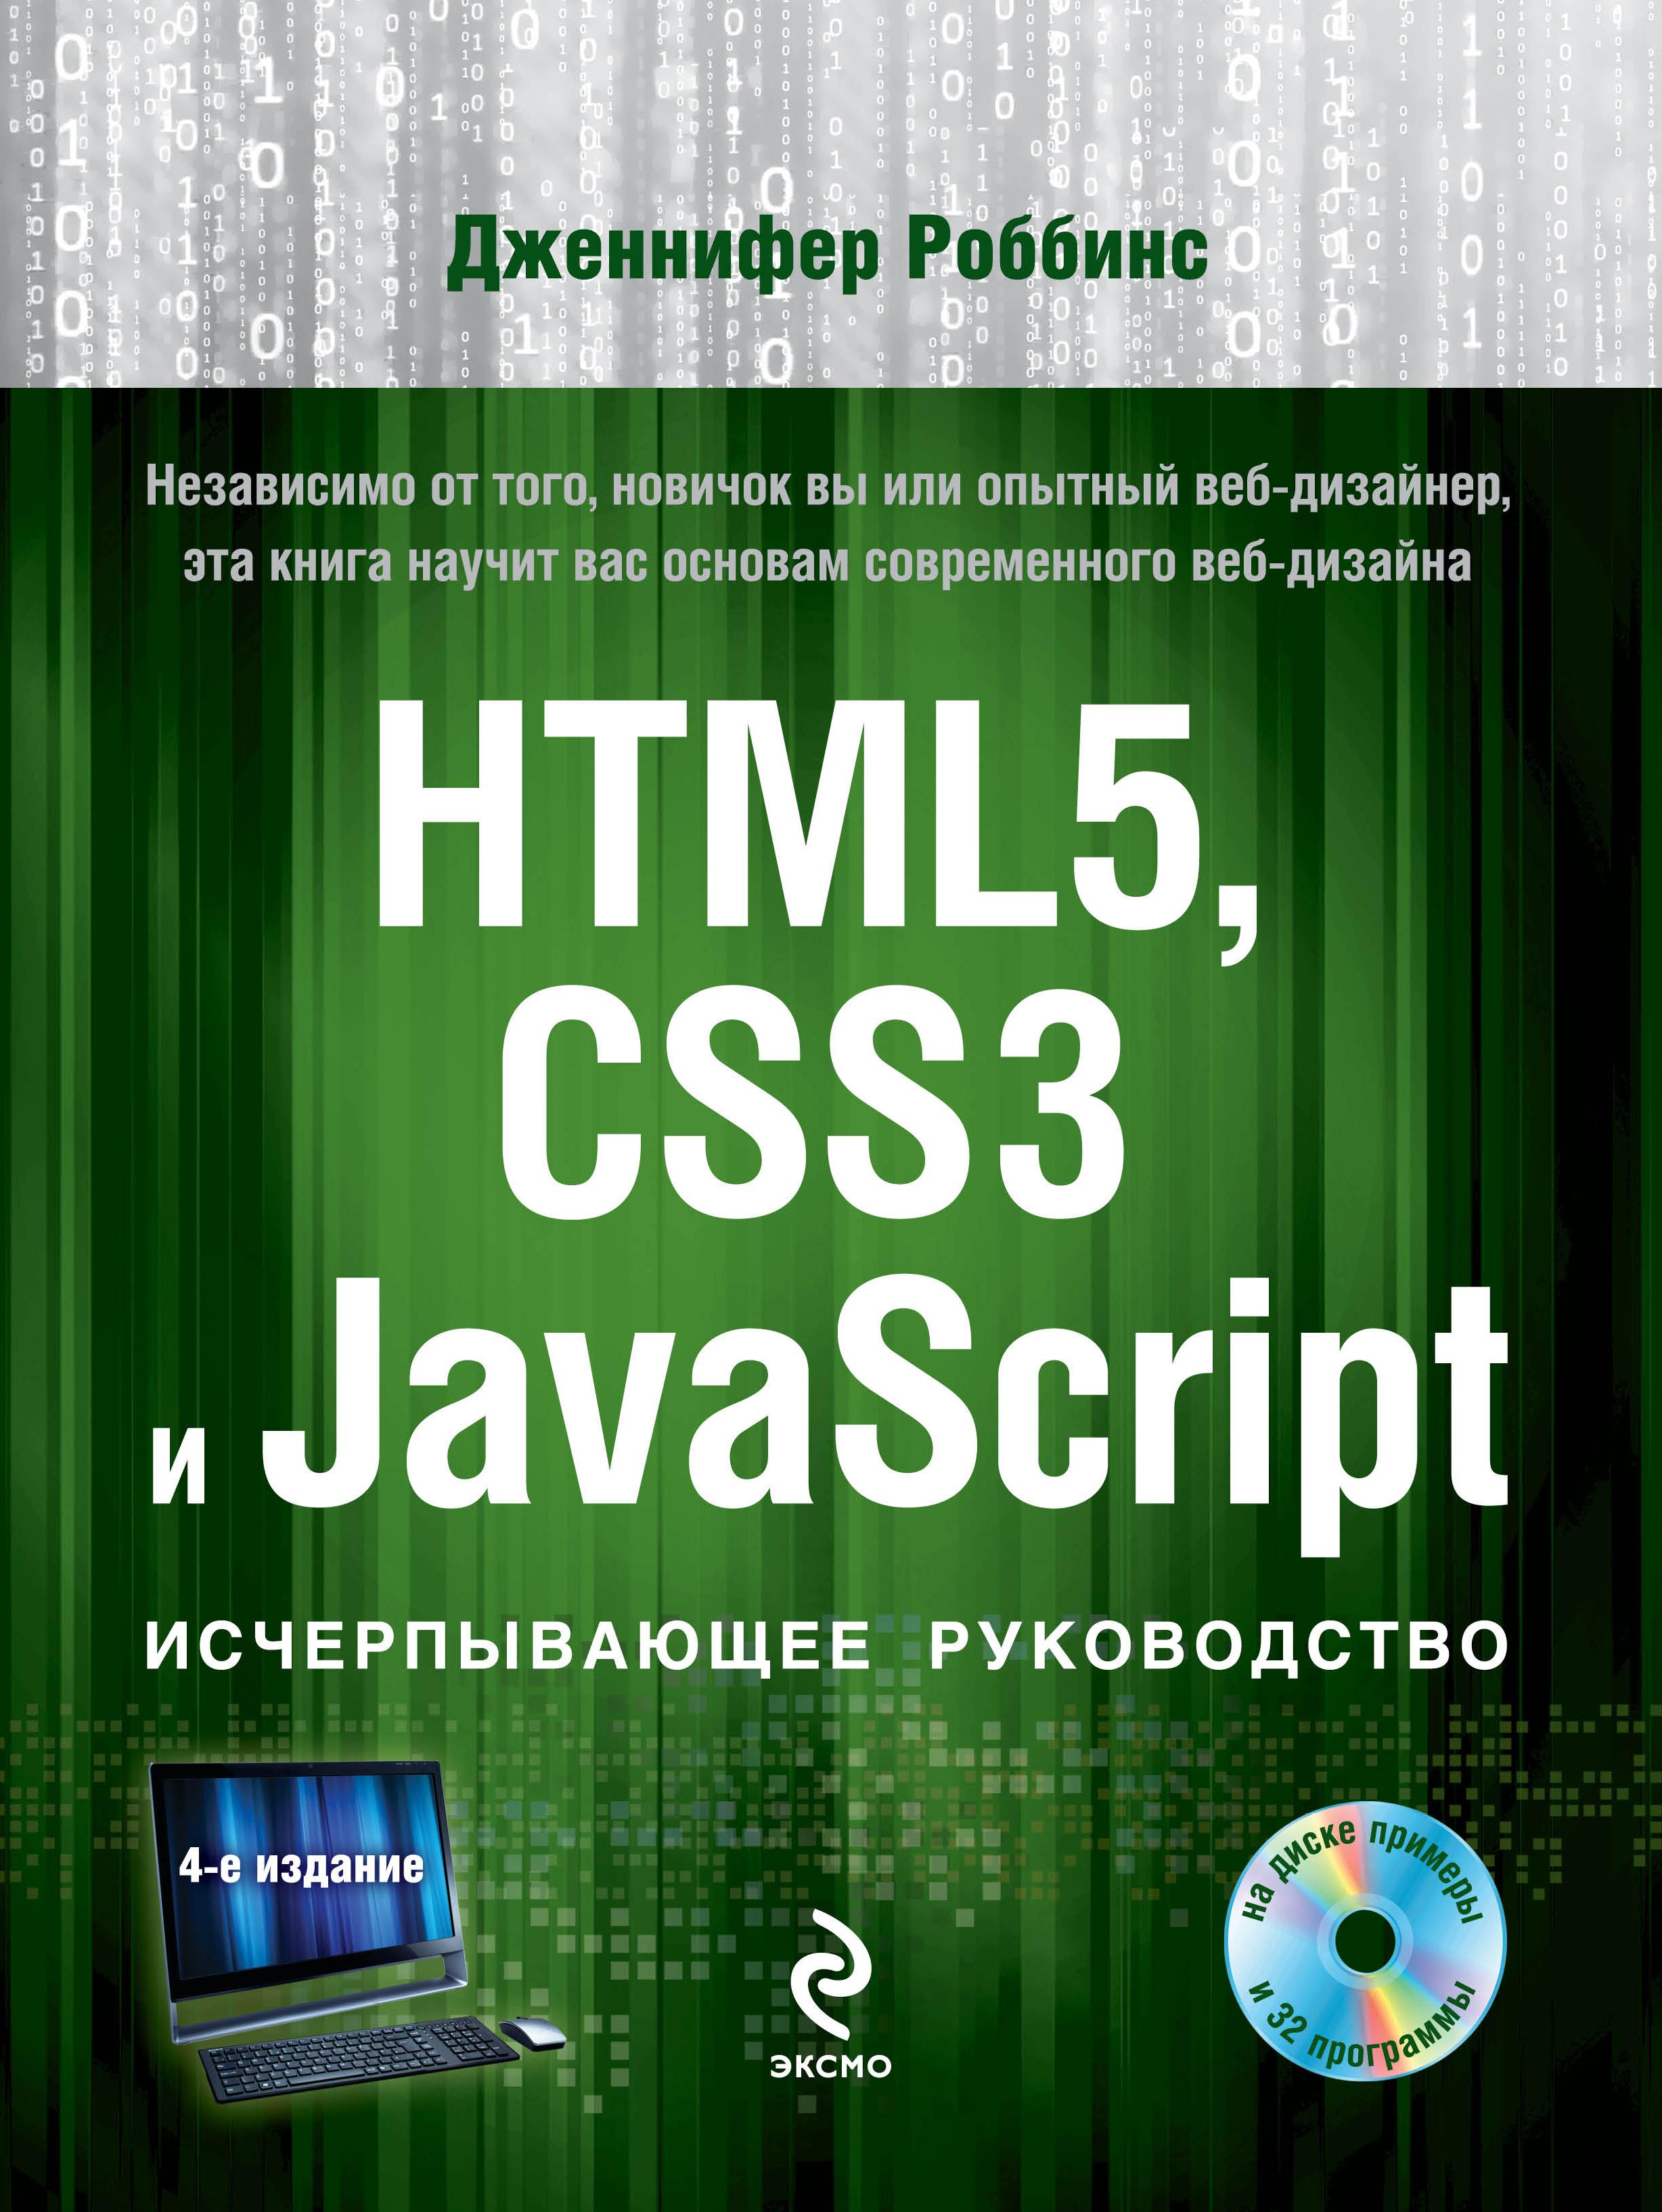 Роббинс Д. HTML5, CSS3 и JavaScript. Исчерпывающее руководство (+ DVD) эспозито д эспозито ф разработка приложений для windows 8 на html5 и javascript